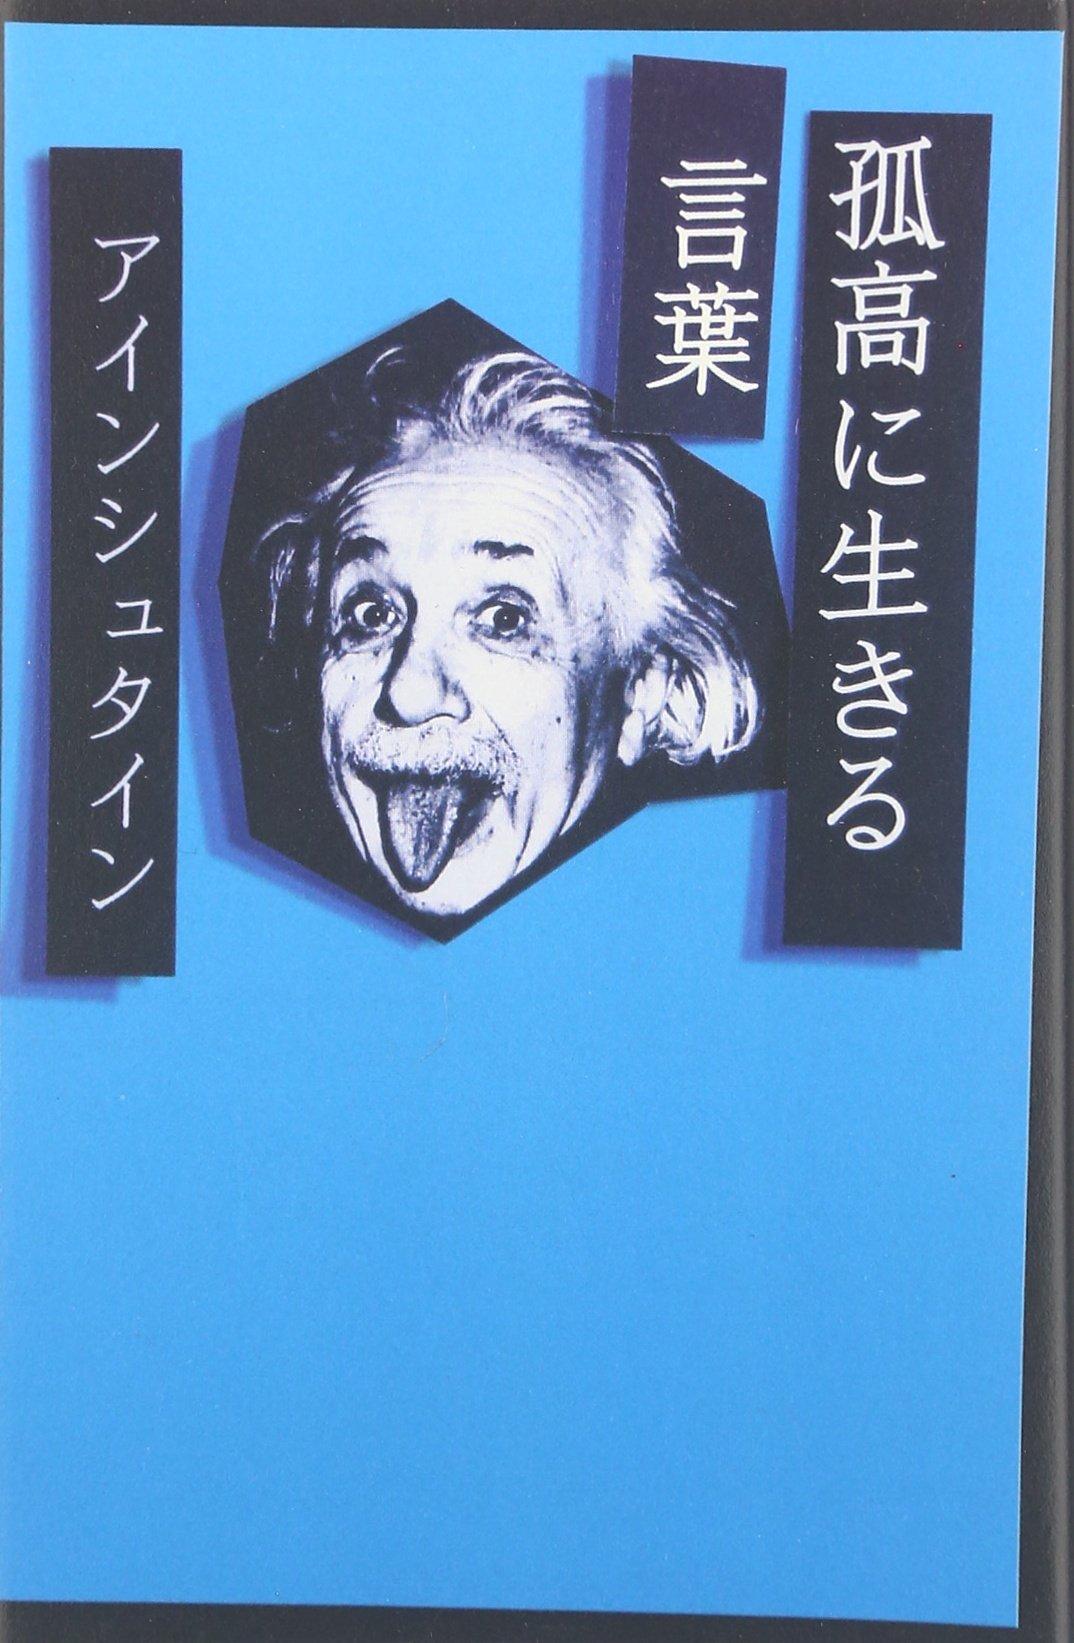 アインシュタインを知る5冊!平和を訴えた天才科学者の名言